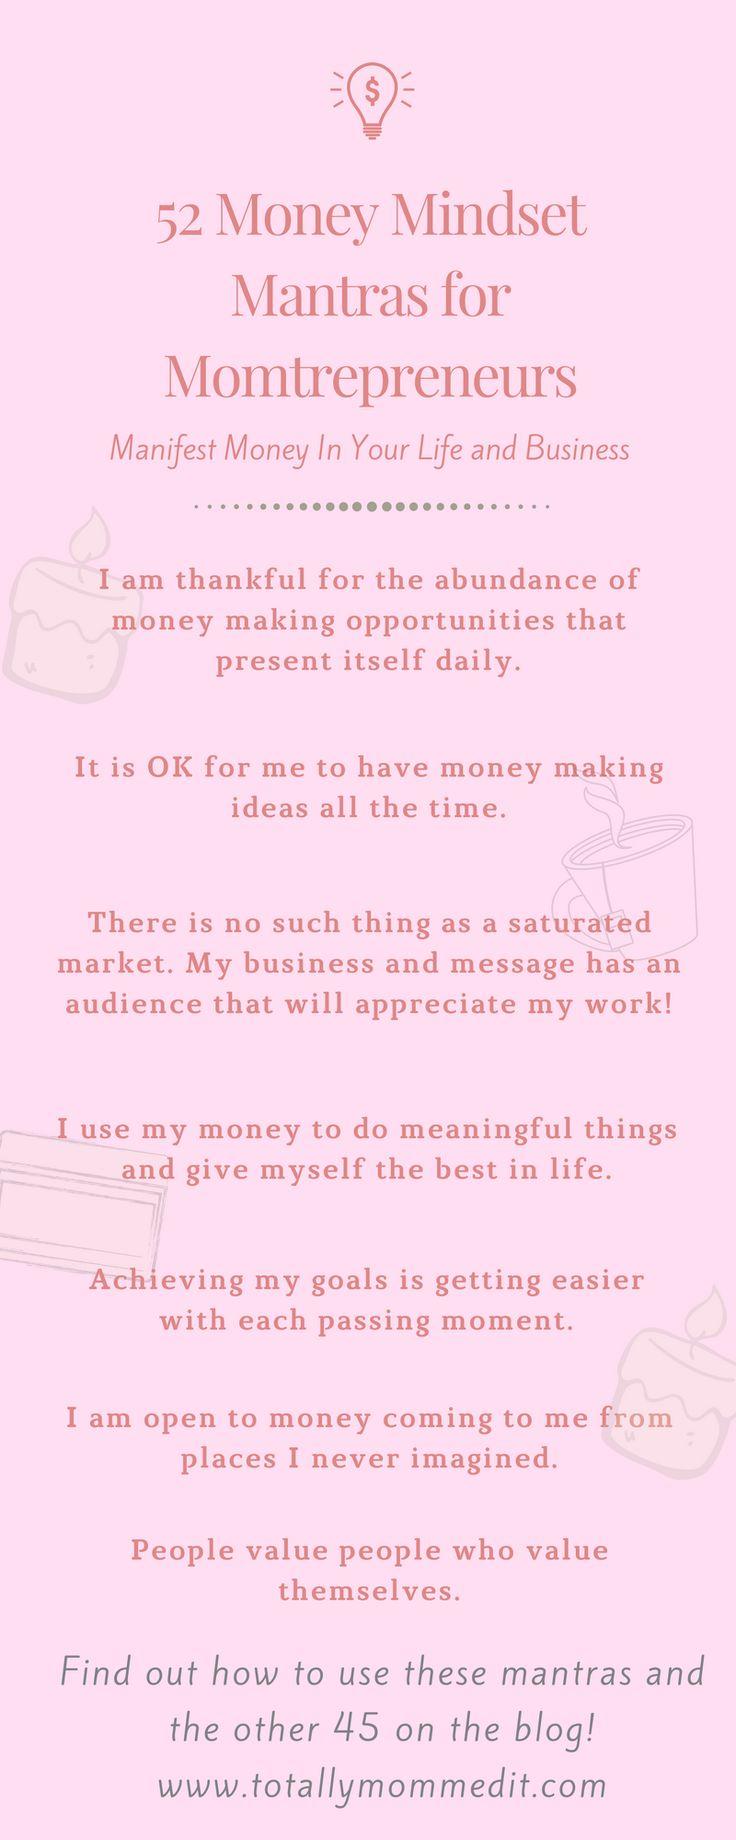 Manifest money in your life and business like a #momboss . #mompreneur #momtrepreneur #momblogger #hustlemama #manifestation #Manifesting